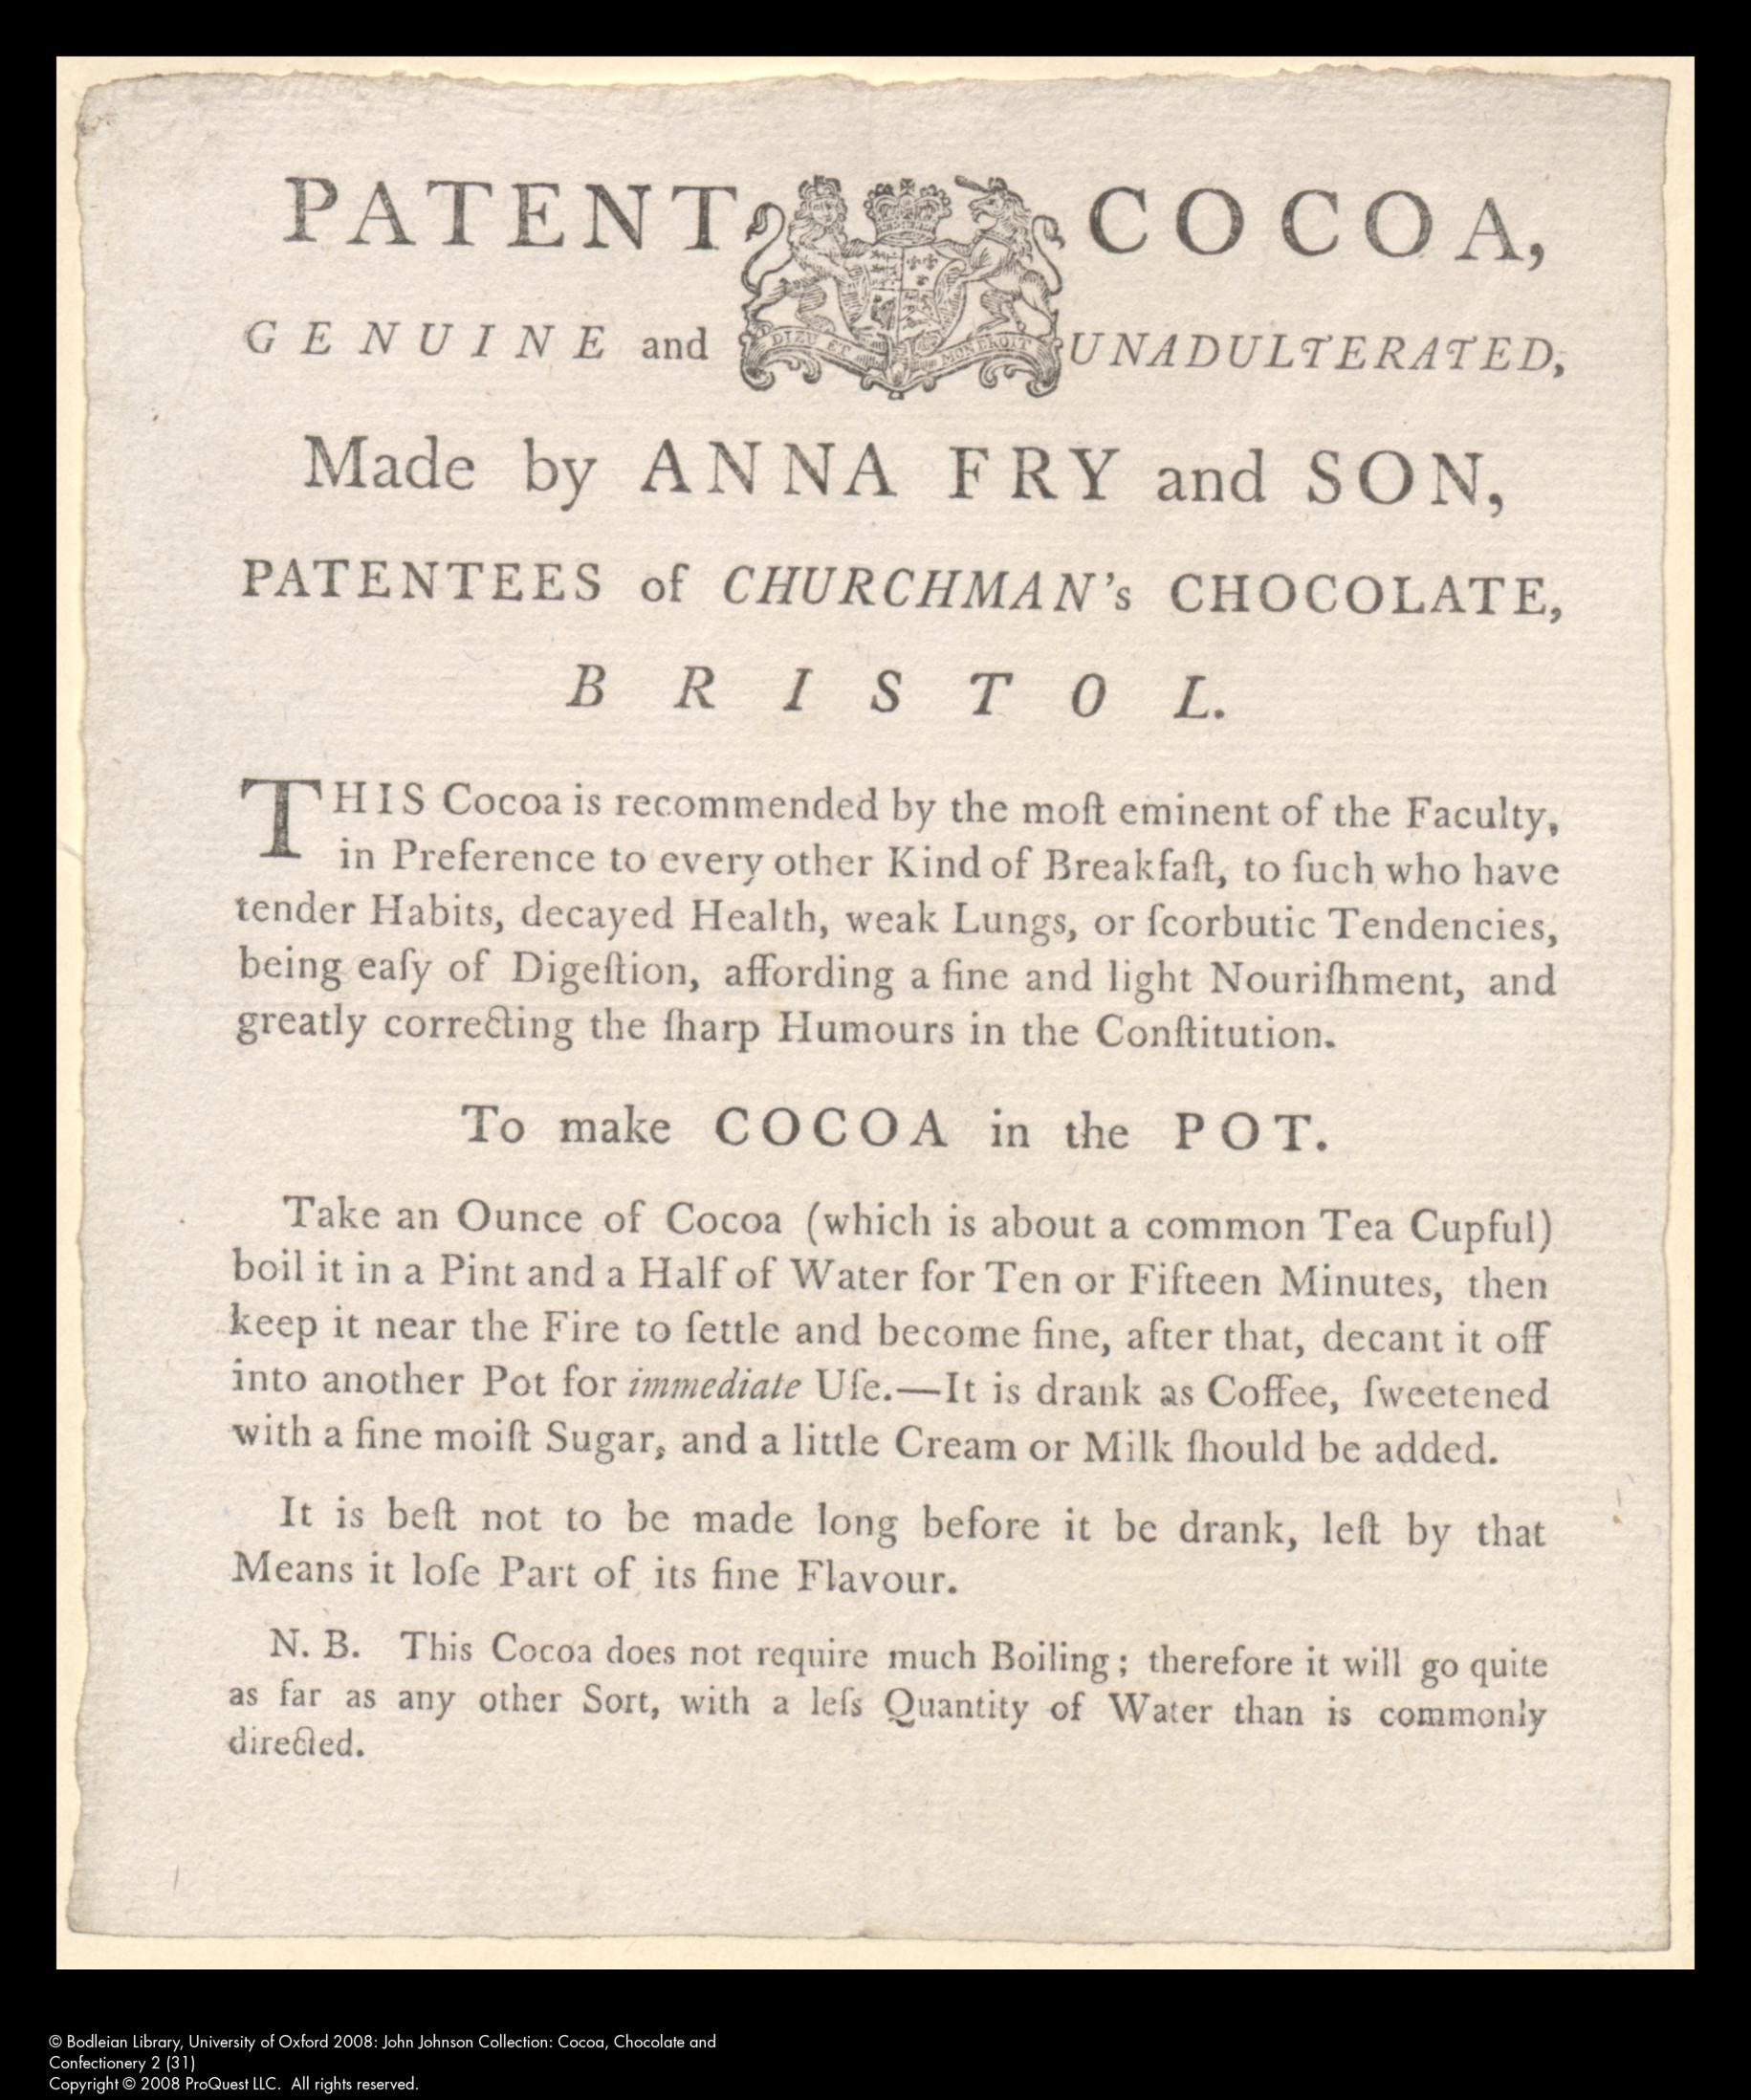 Patent cocoa. Handbill of Anna Fry